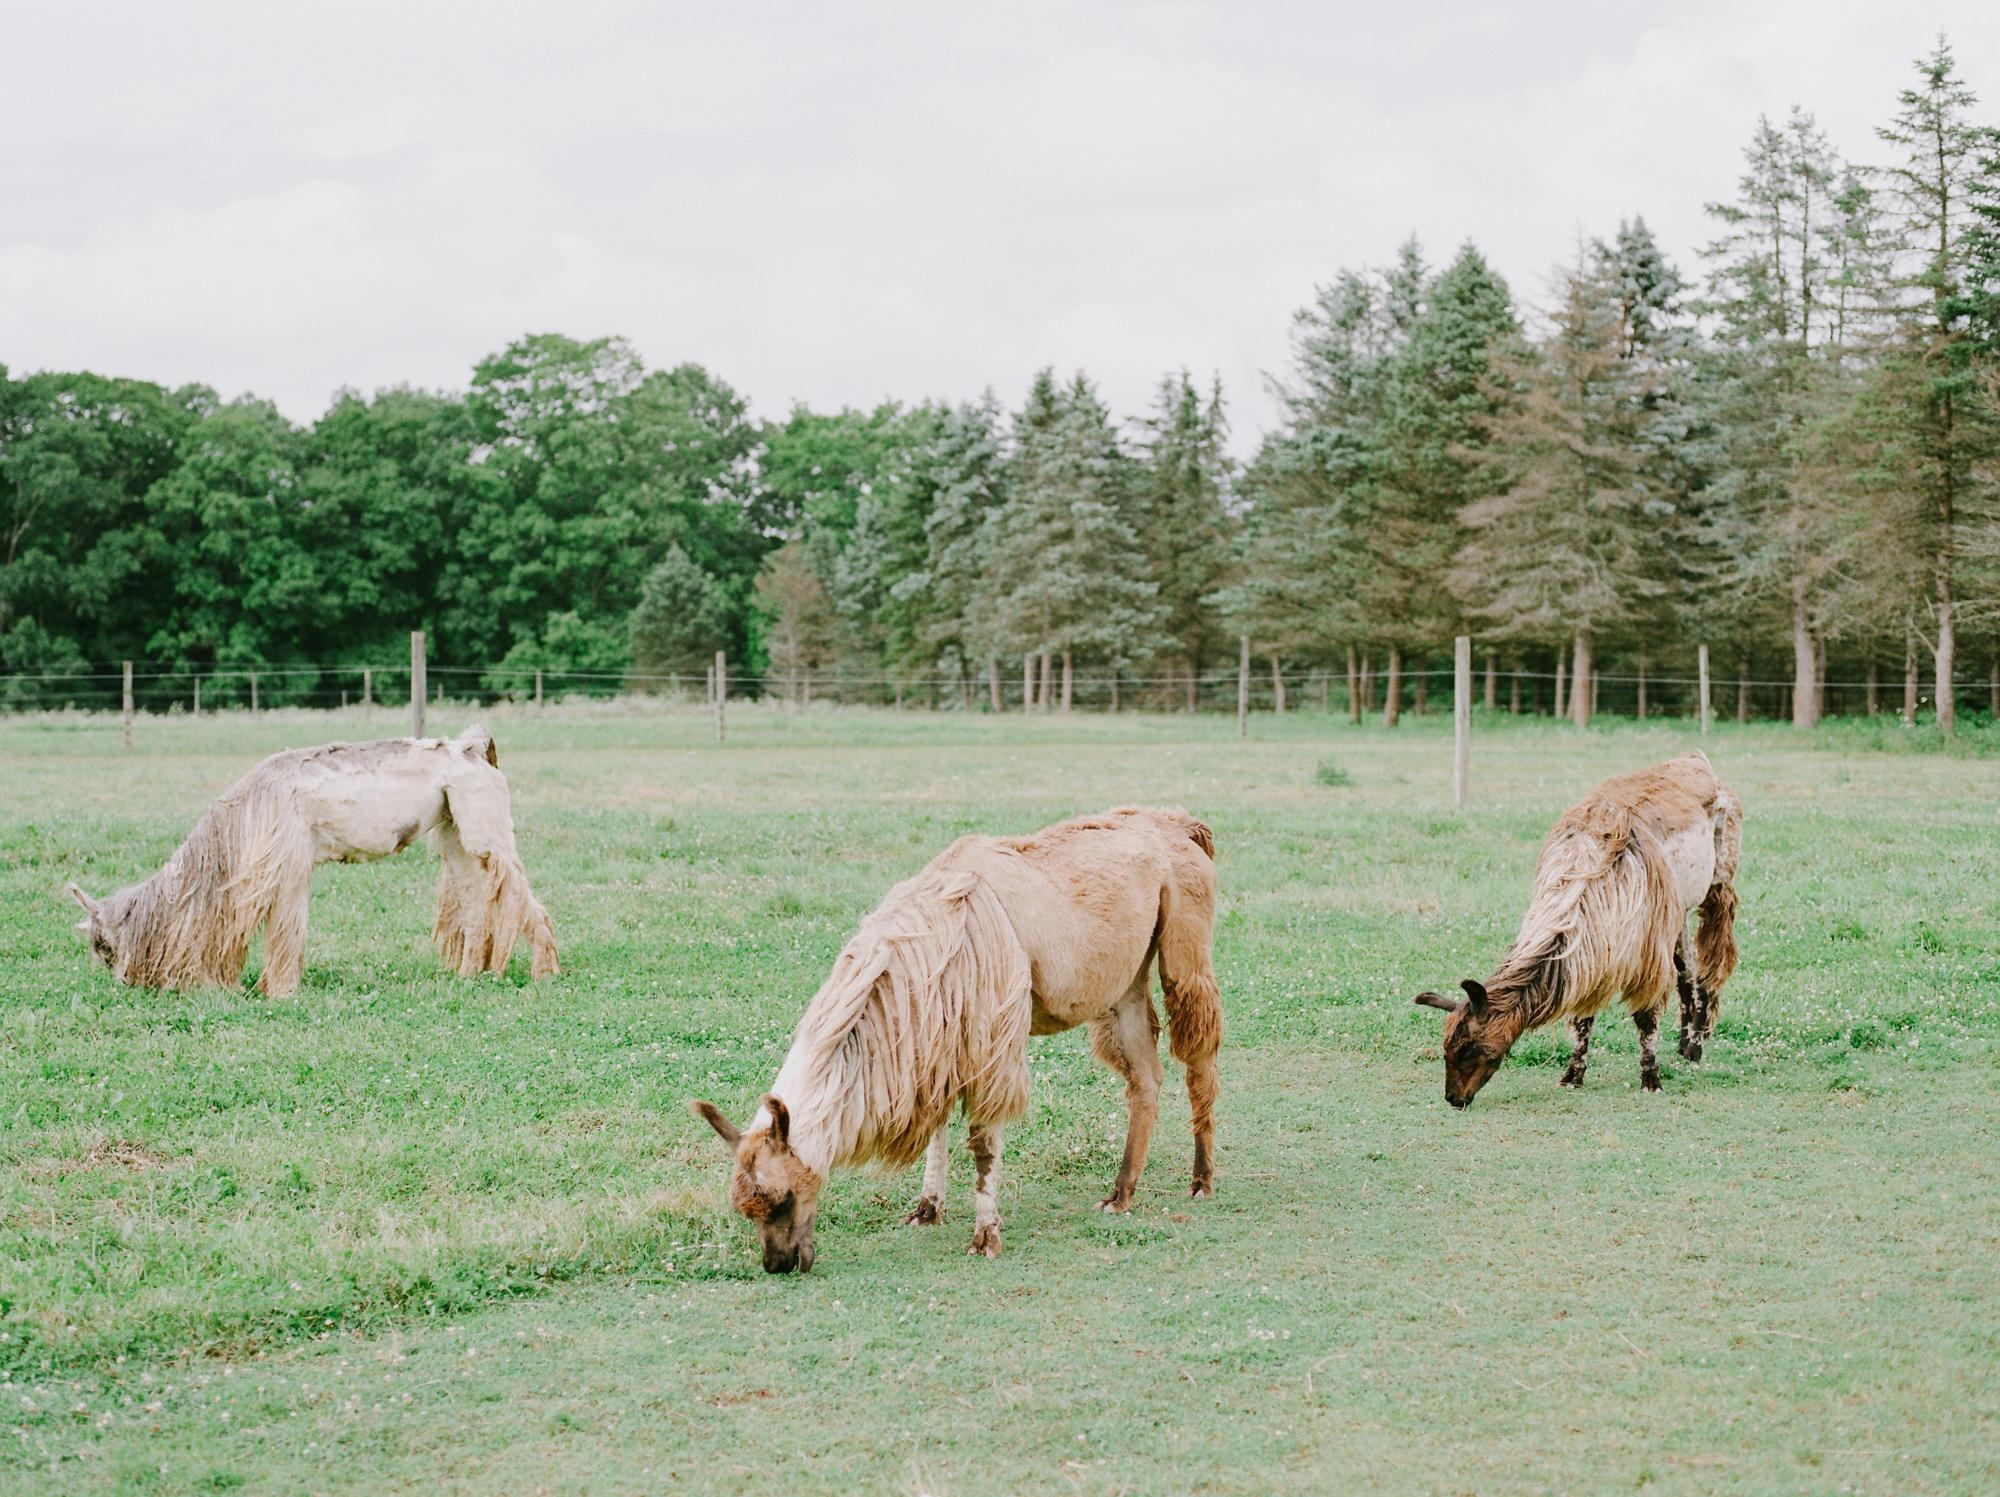 nj_alpaca-farm_wedding_inspiration-85.jpg